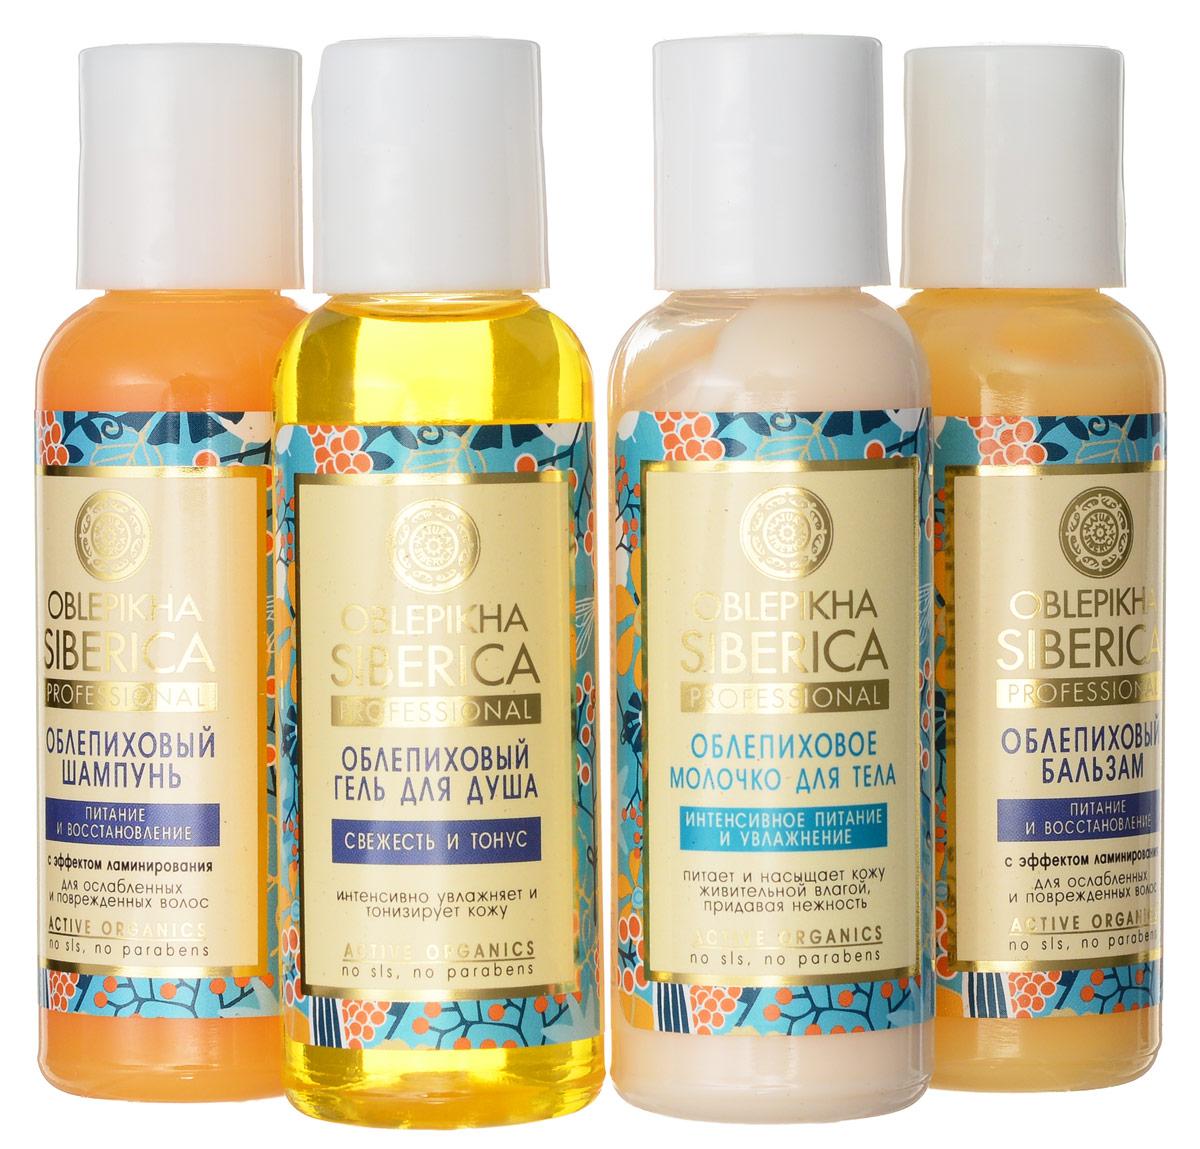 Natura Siberica Подарочный набор мини Облепиха для волос и тела: шампунь, бальзам для волос, гель для душа, молочко для тела, 4х50 мл